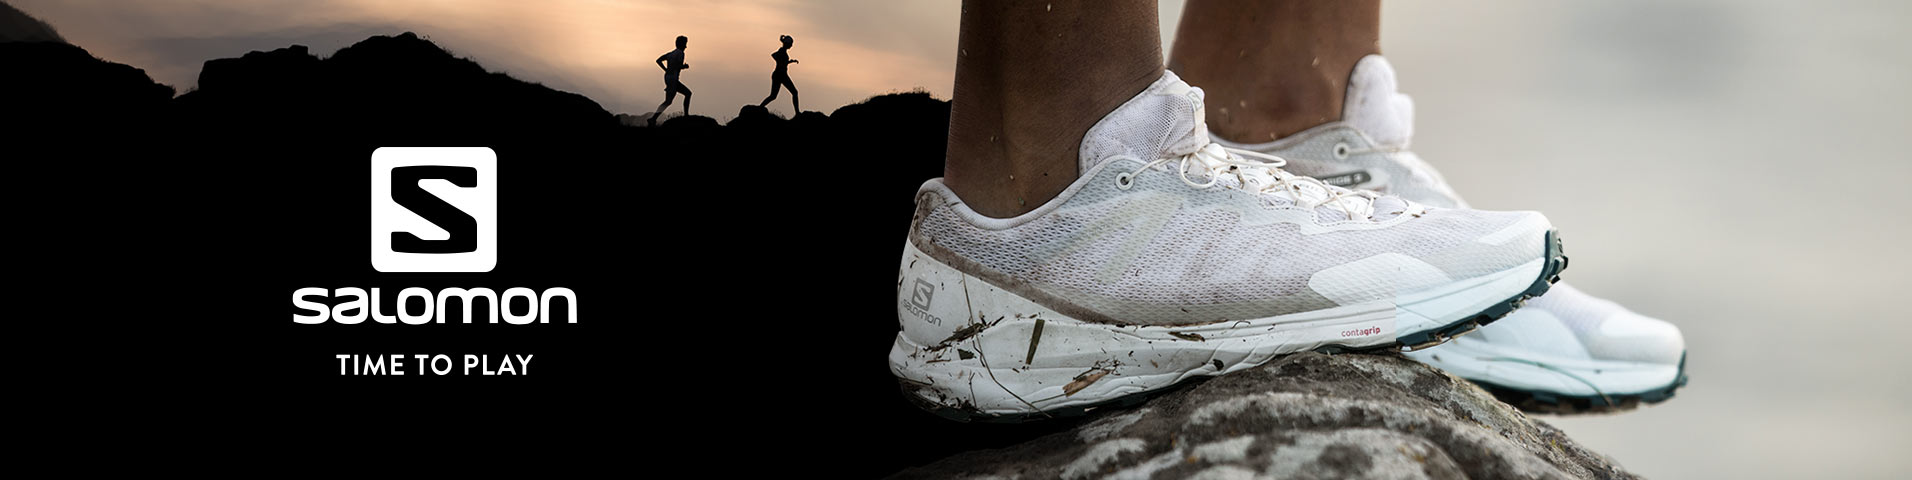 selezione migliore scarpe a buon mercato miglior sito Saldi Salomon | Acquista su Zalando